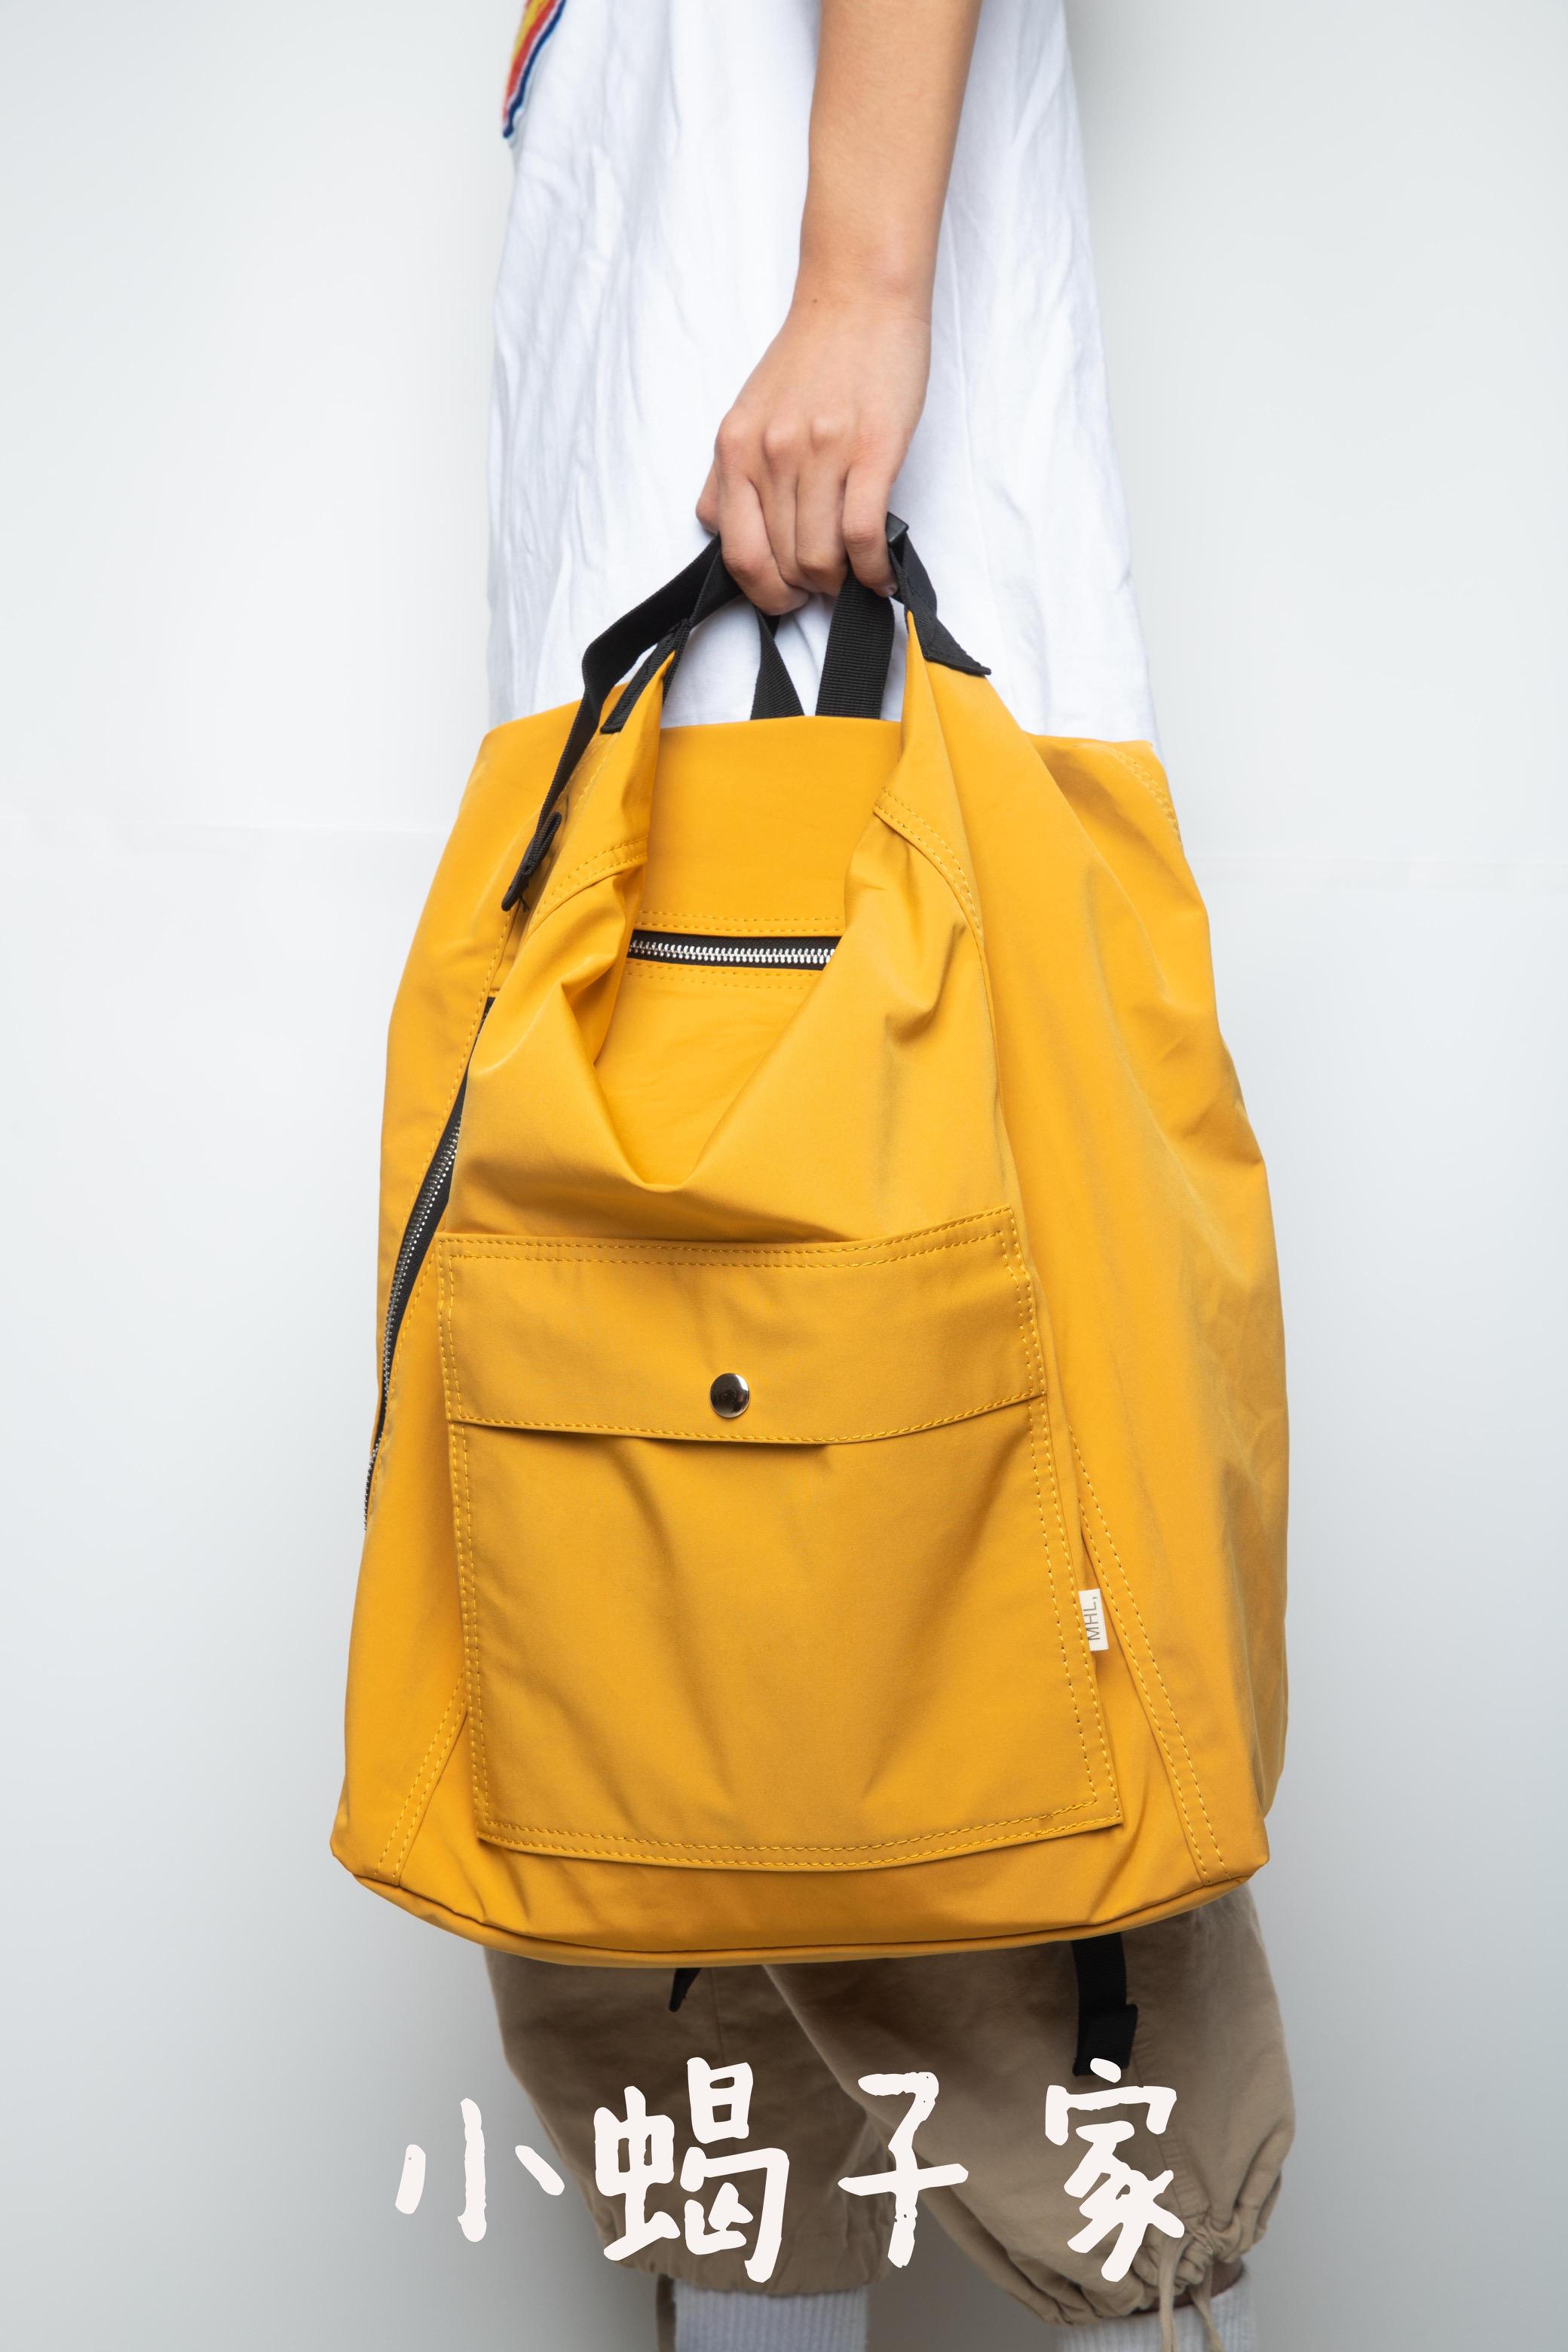 黄色双肩包 OOTD小众日系潮牌校园姜黄色大容量单肩书包 双肩手提两用背包mhl_推荐淘宝好看的黄色双肩包